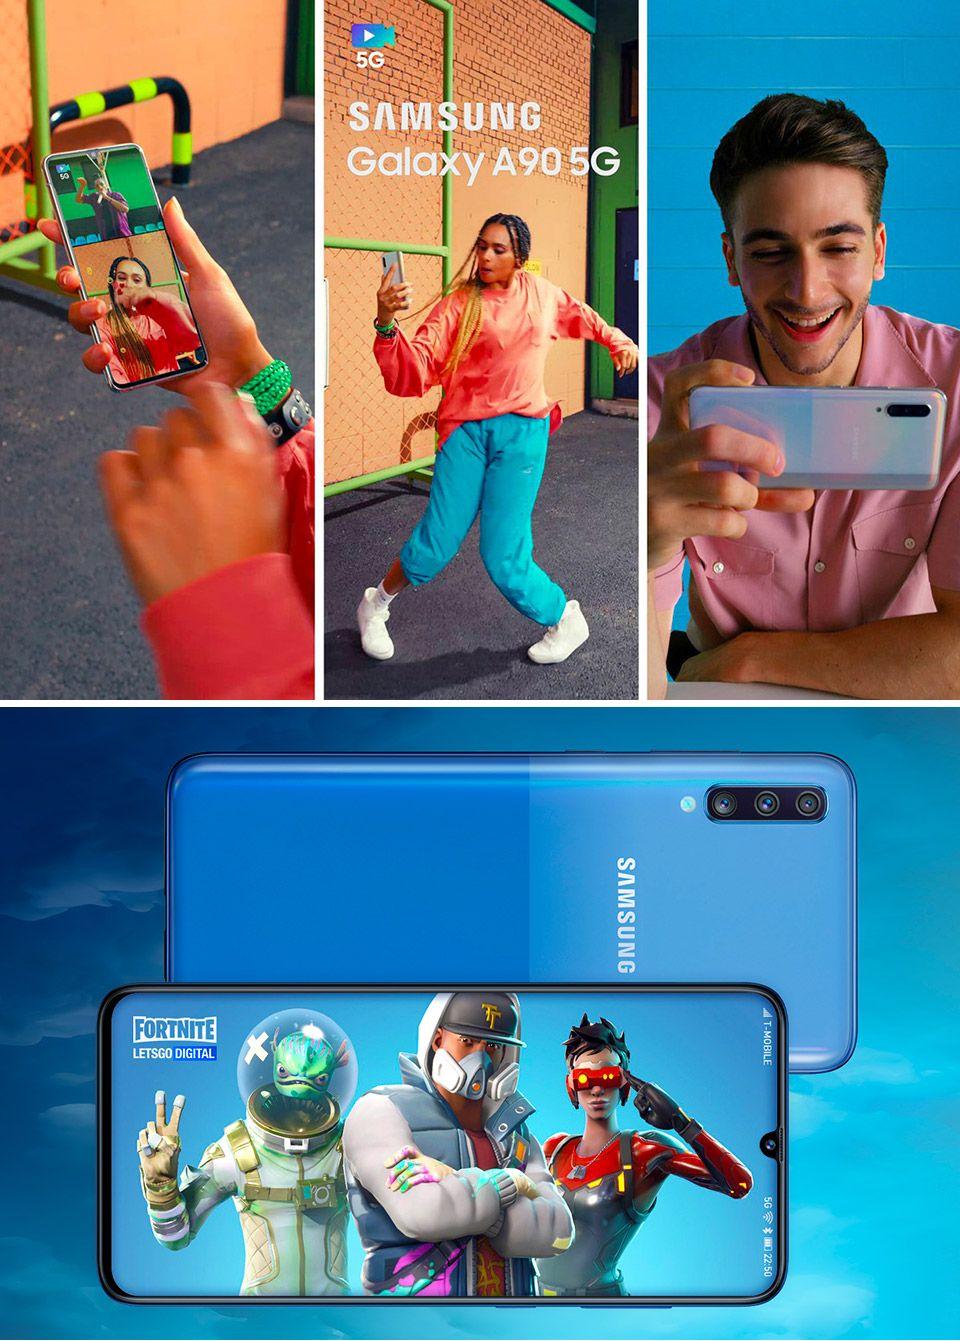 Samsung galaxy a90 5g leaks samsung galaxy samsung